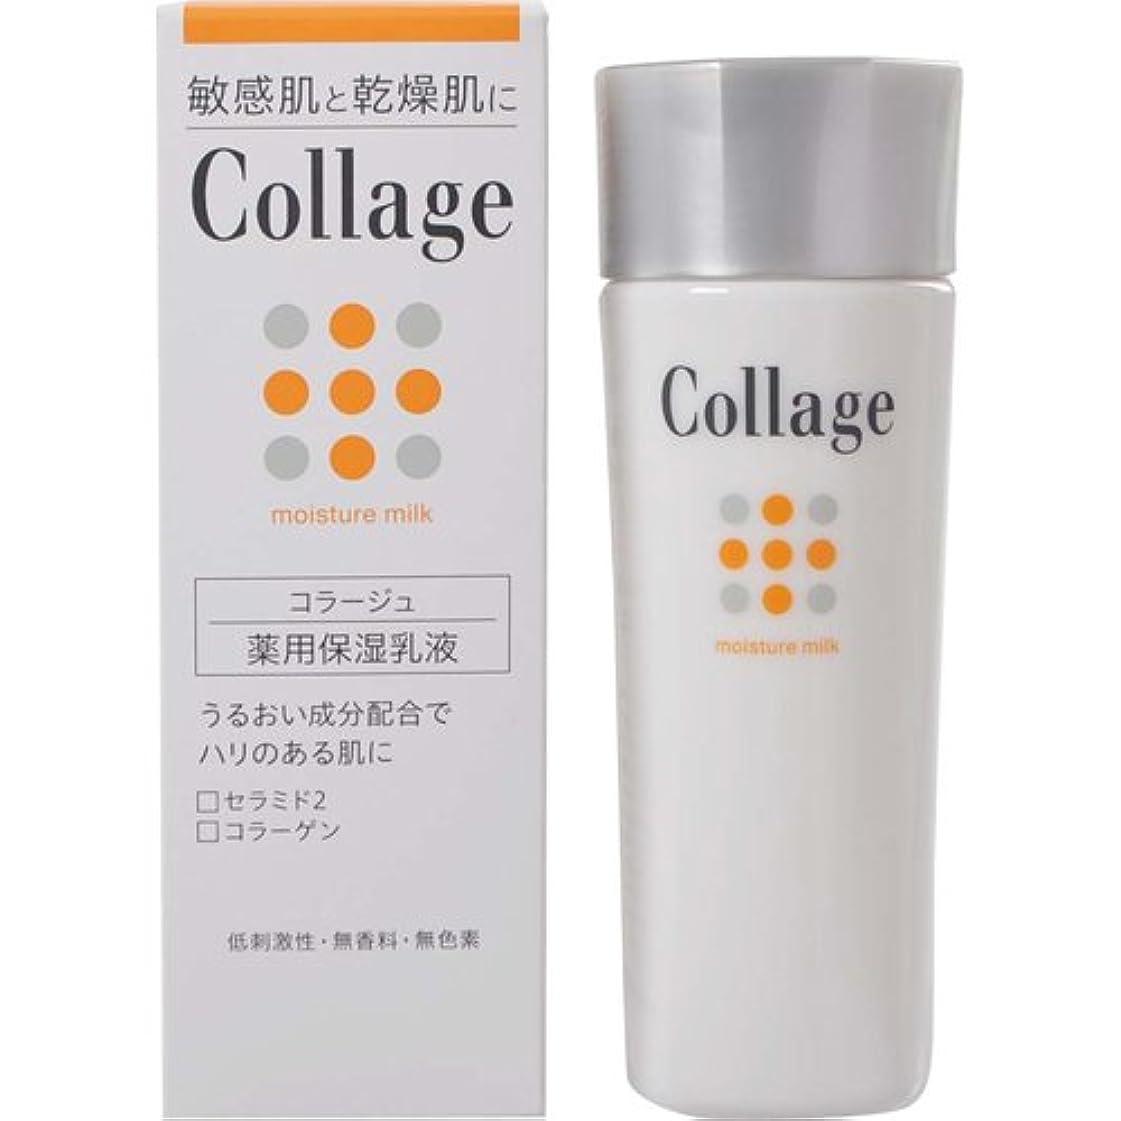 メカニック不十分な松の木コラージュ 薬用保湿乳液 80mL 【医薬部外品】